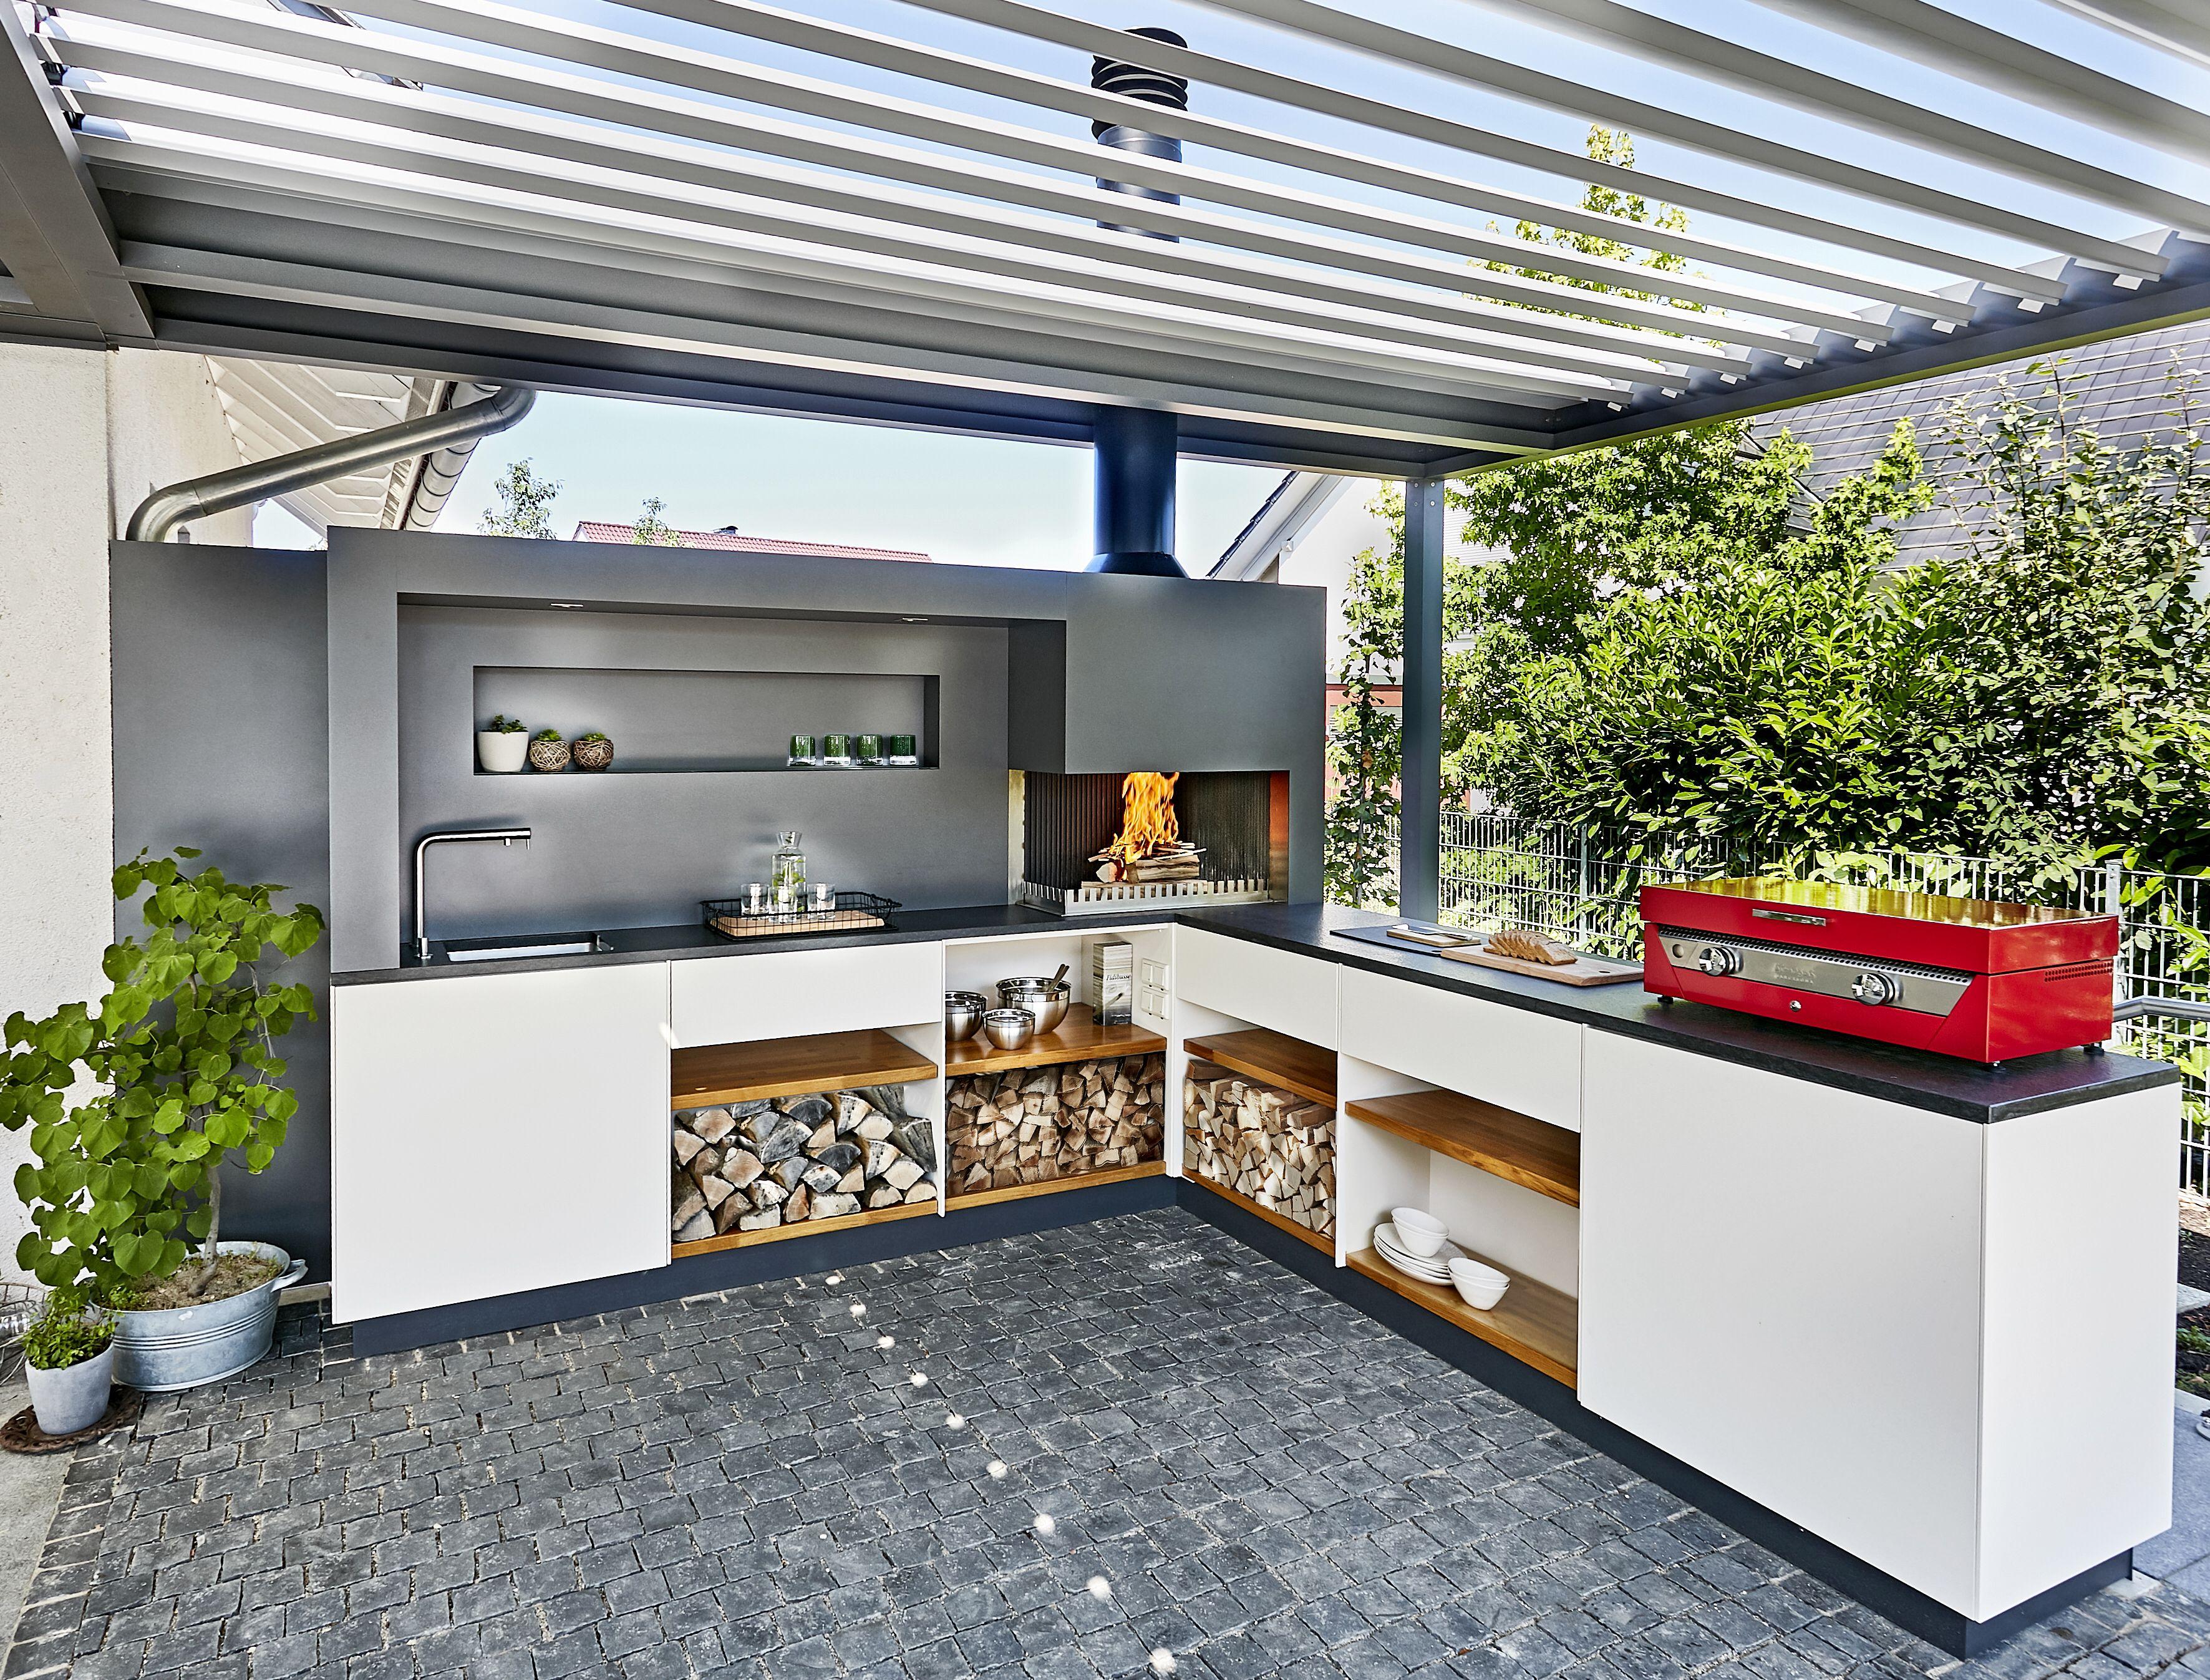 Pin Von Nicole Wohlhuter Auf Draussen In 2020 Garten Kuche Hinterhof Designs Outdoor Kuche